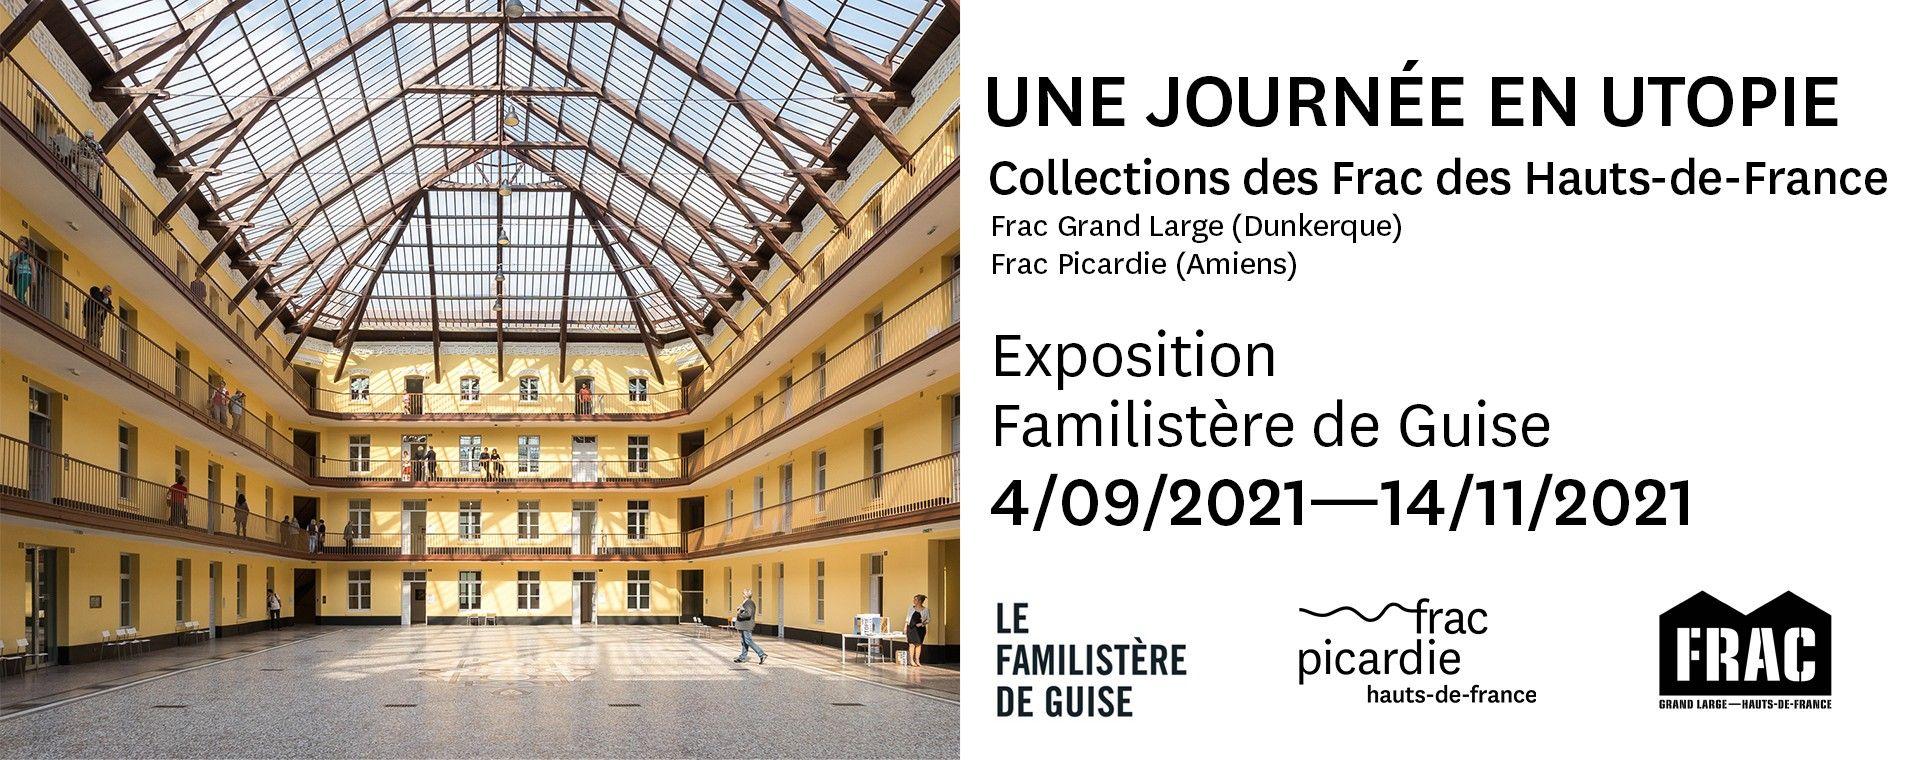 Une journée en utopie, Familistère de Guise, Guise (FR) September 4 - November 2, 2021